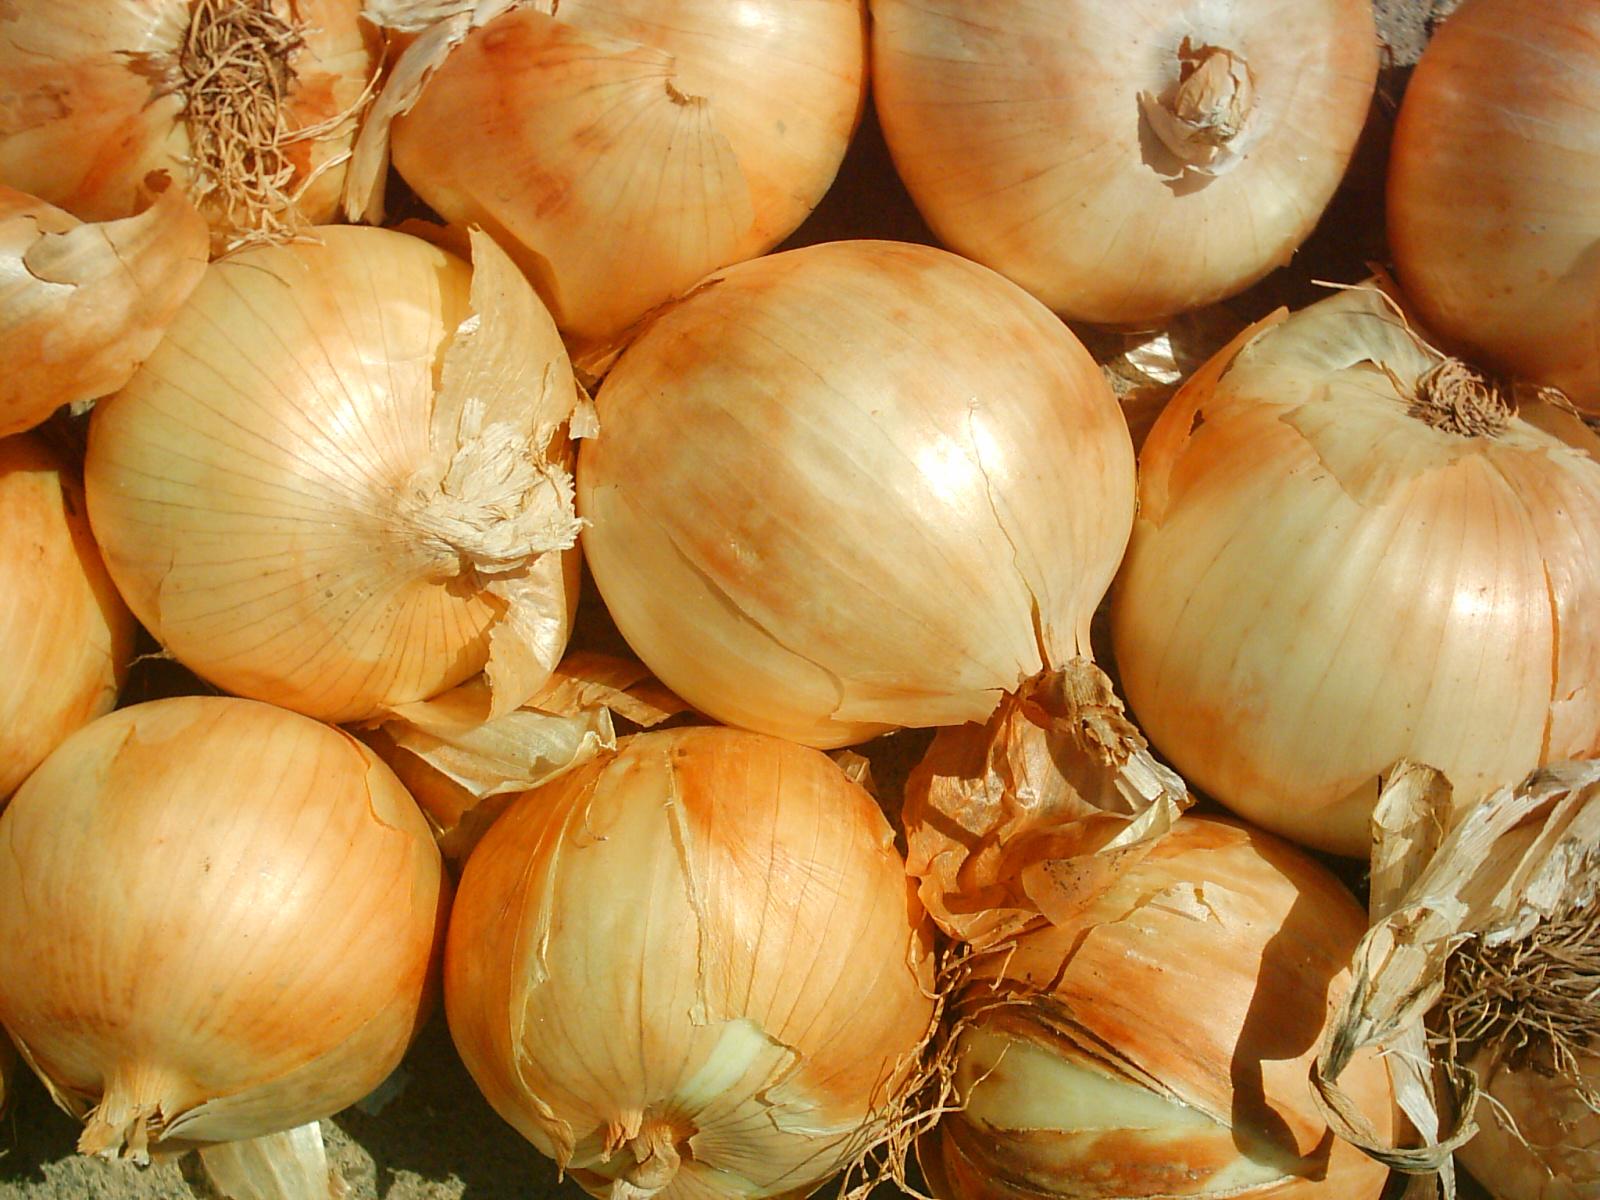 Cebolla procedente de Holanda acapara los mercados nacionales.